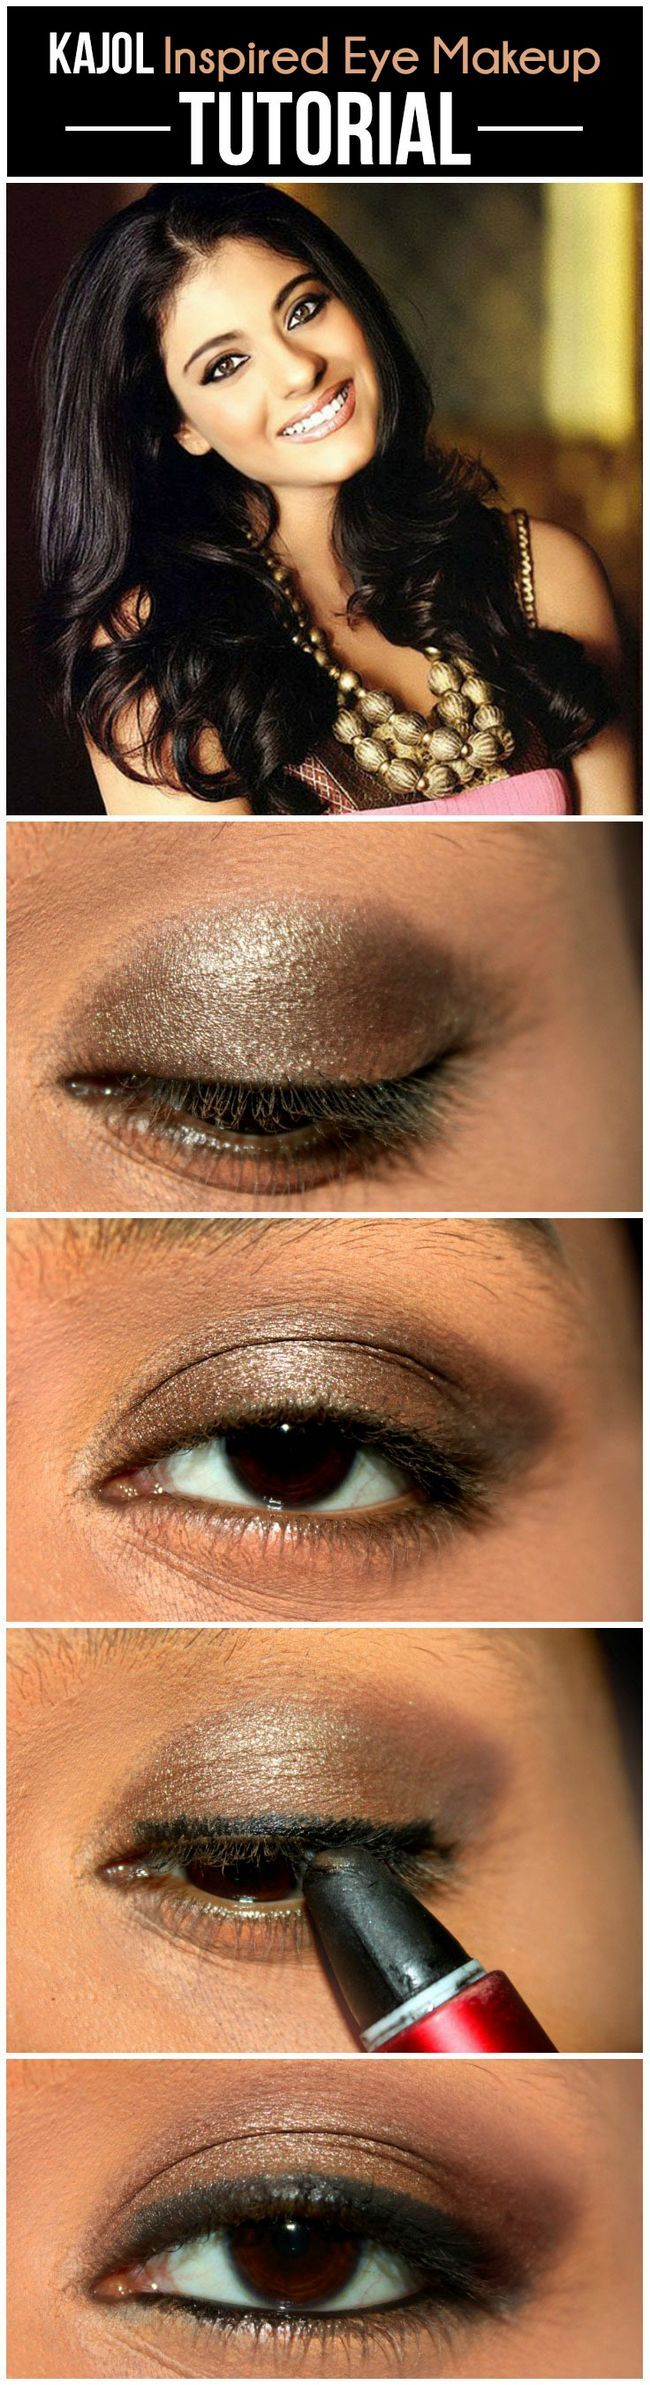 Le maquillage des yeux inspiré Kajol - tutoriel avec des étapes détaillées et des images